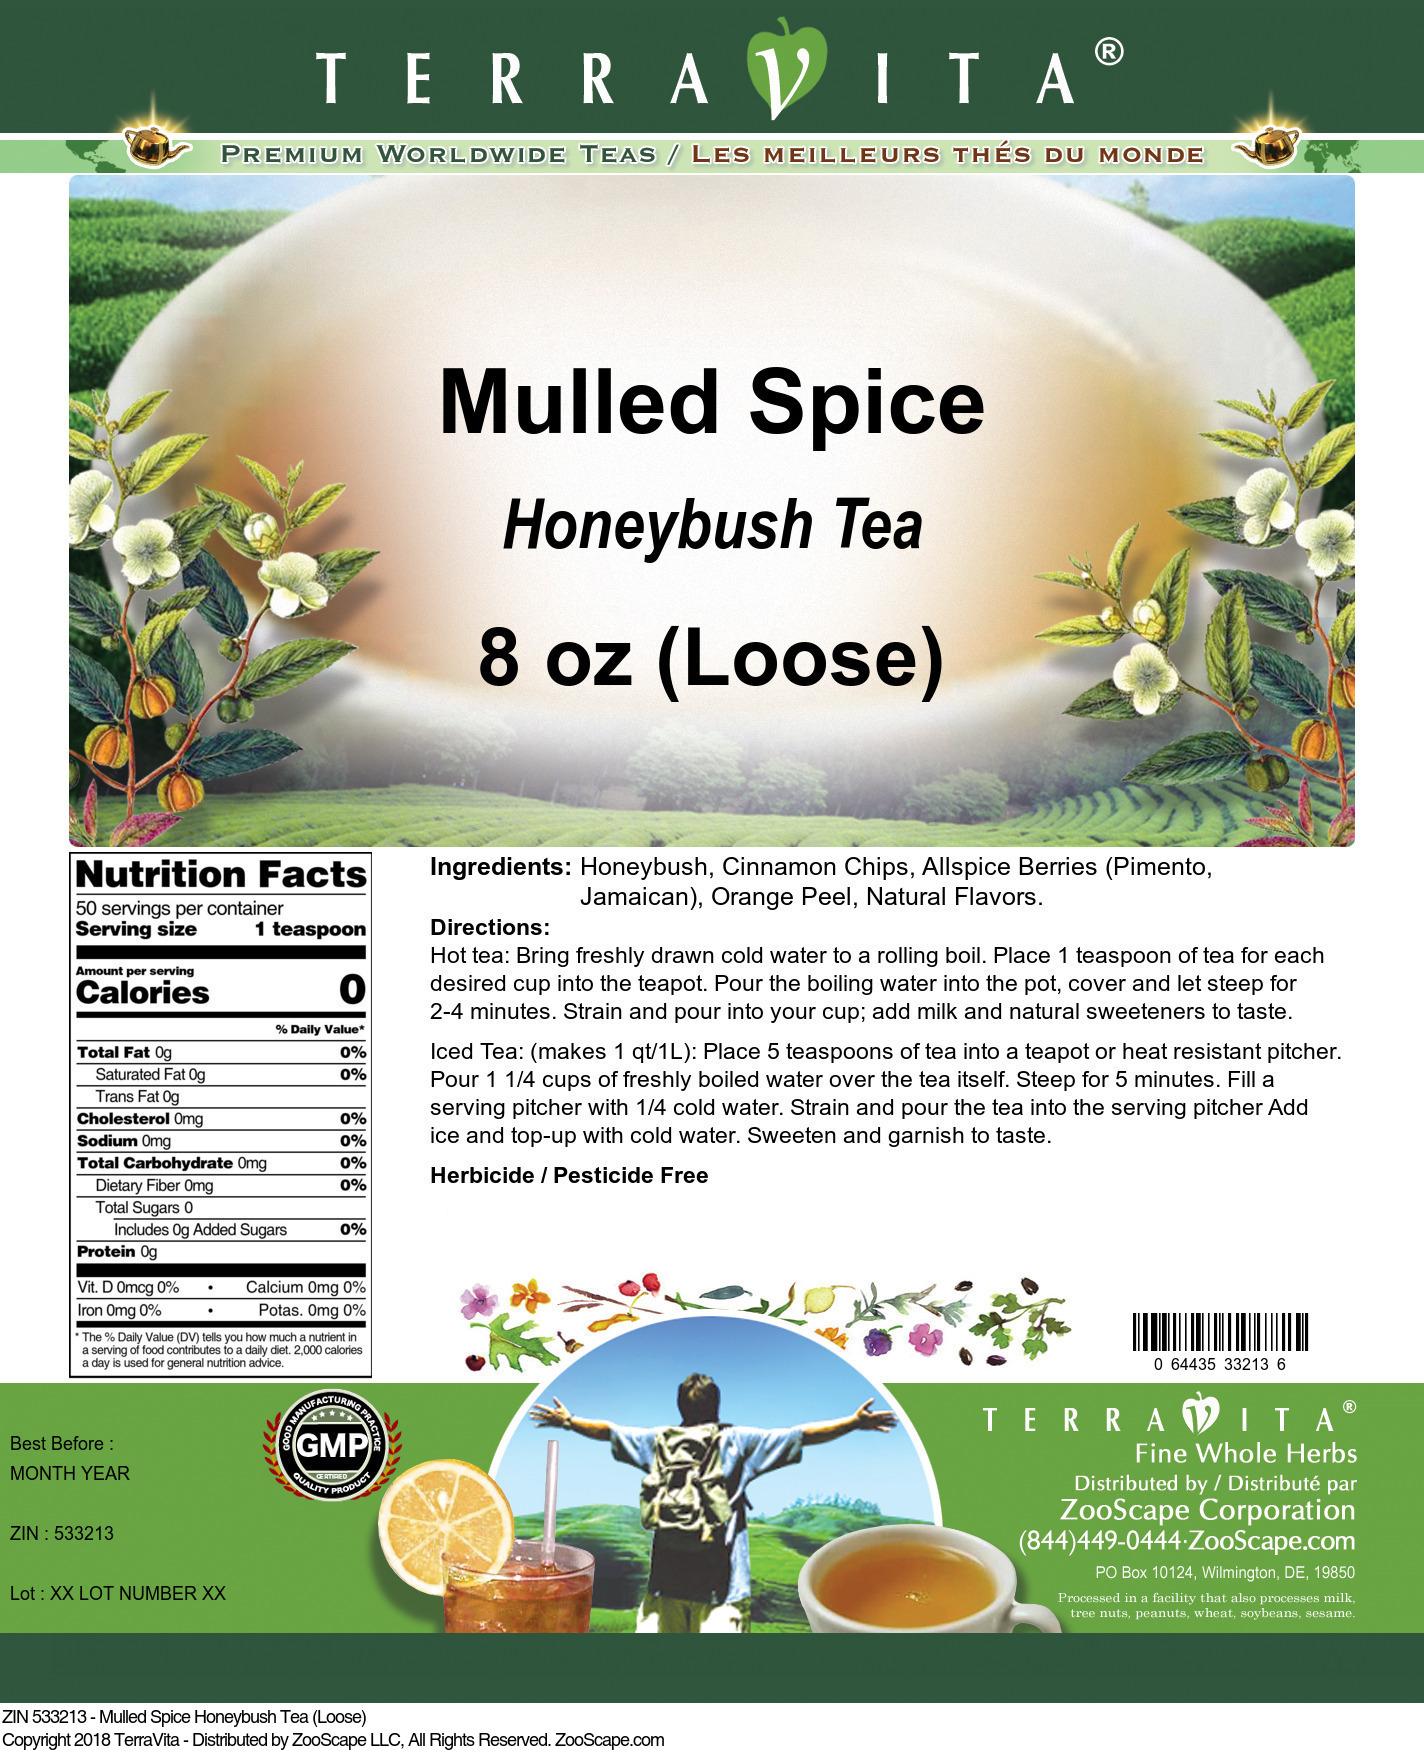 Mulled Spice Honeybush Tea (Loose)